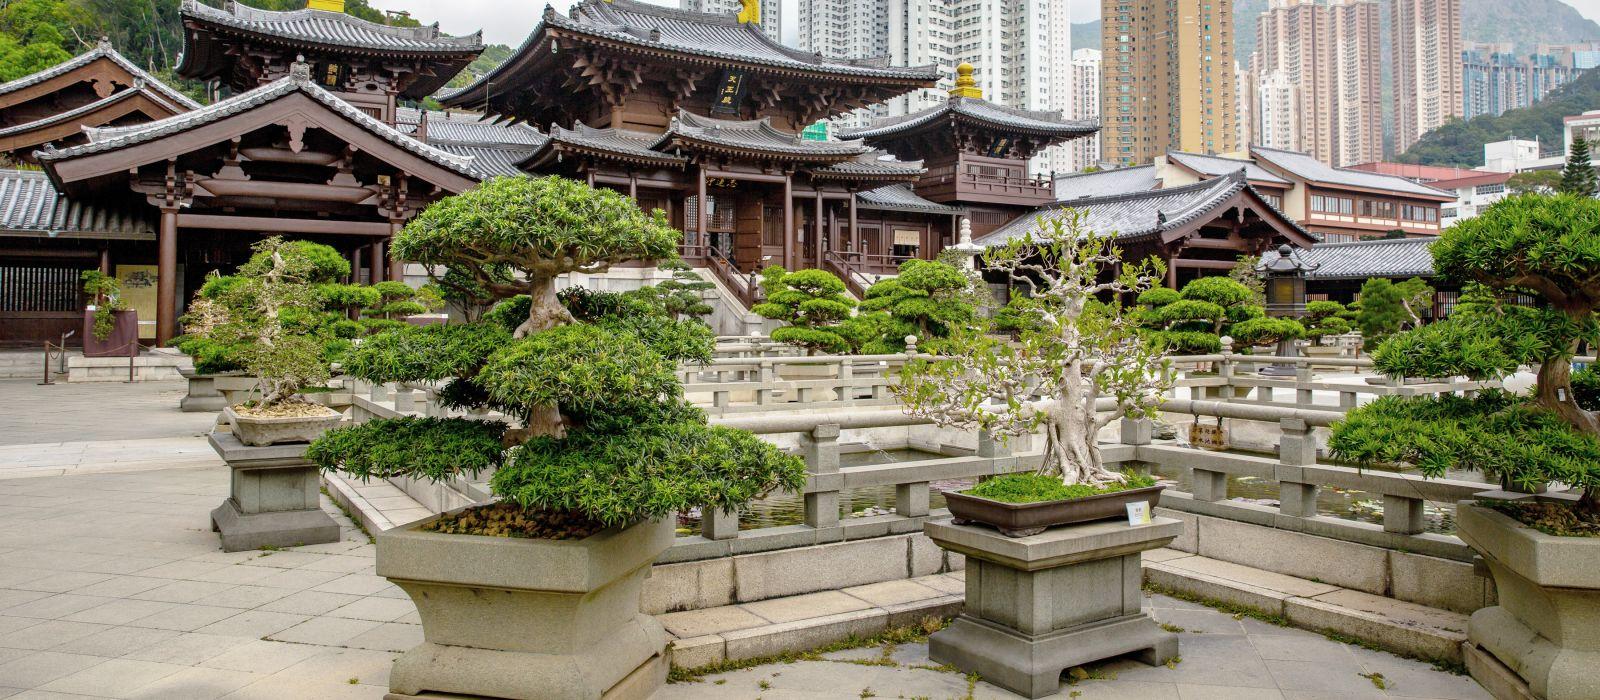 Nan Lian Garten, Kowloon, Hong Kong, Asien